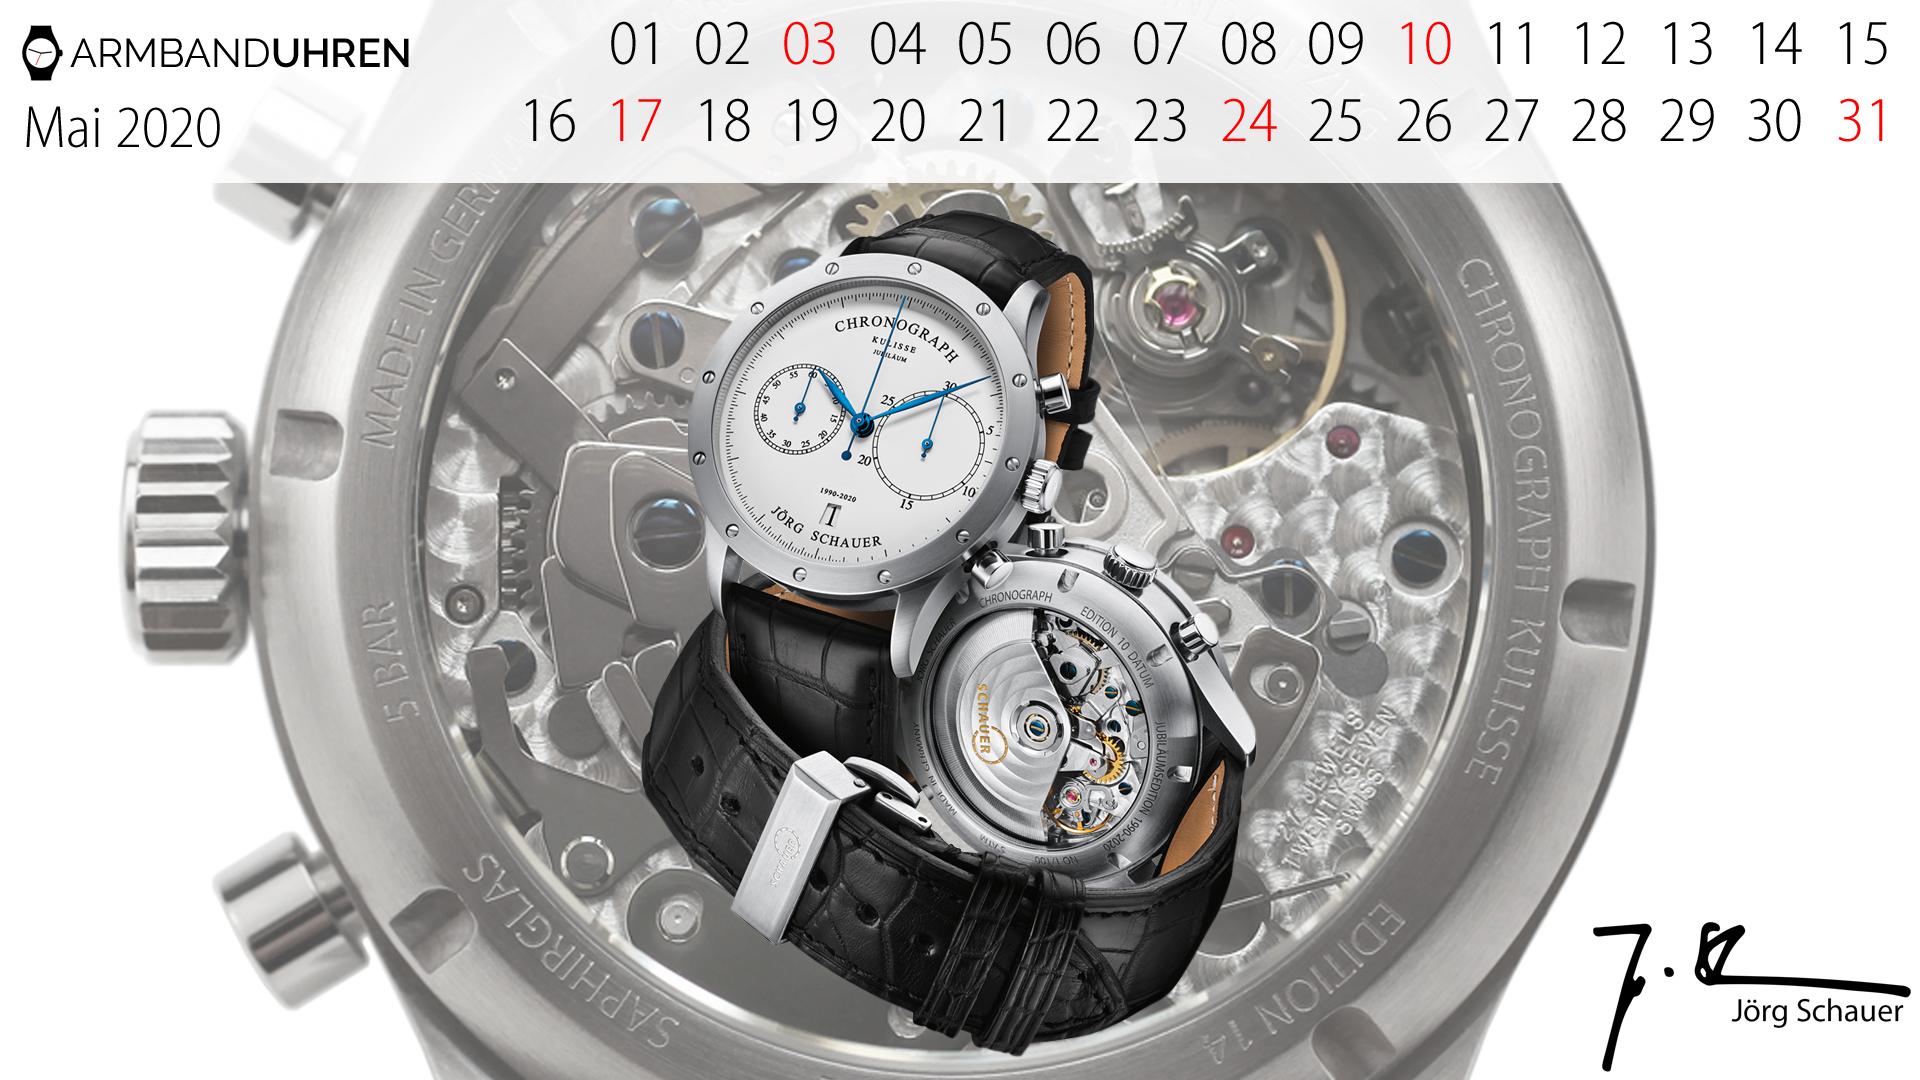 Stowa Uhr des Monats Mai 2020 bei Armbanduhren